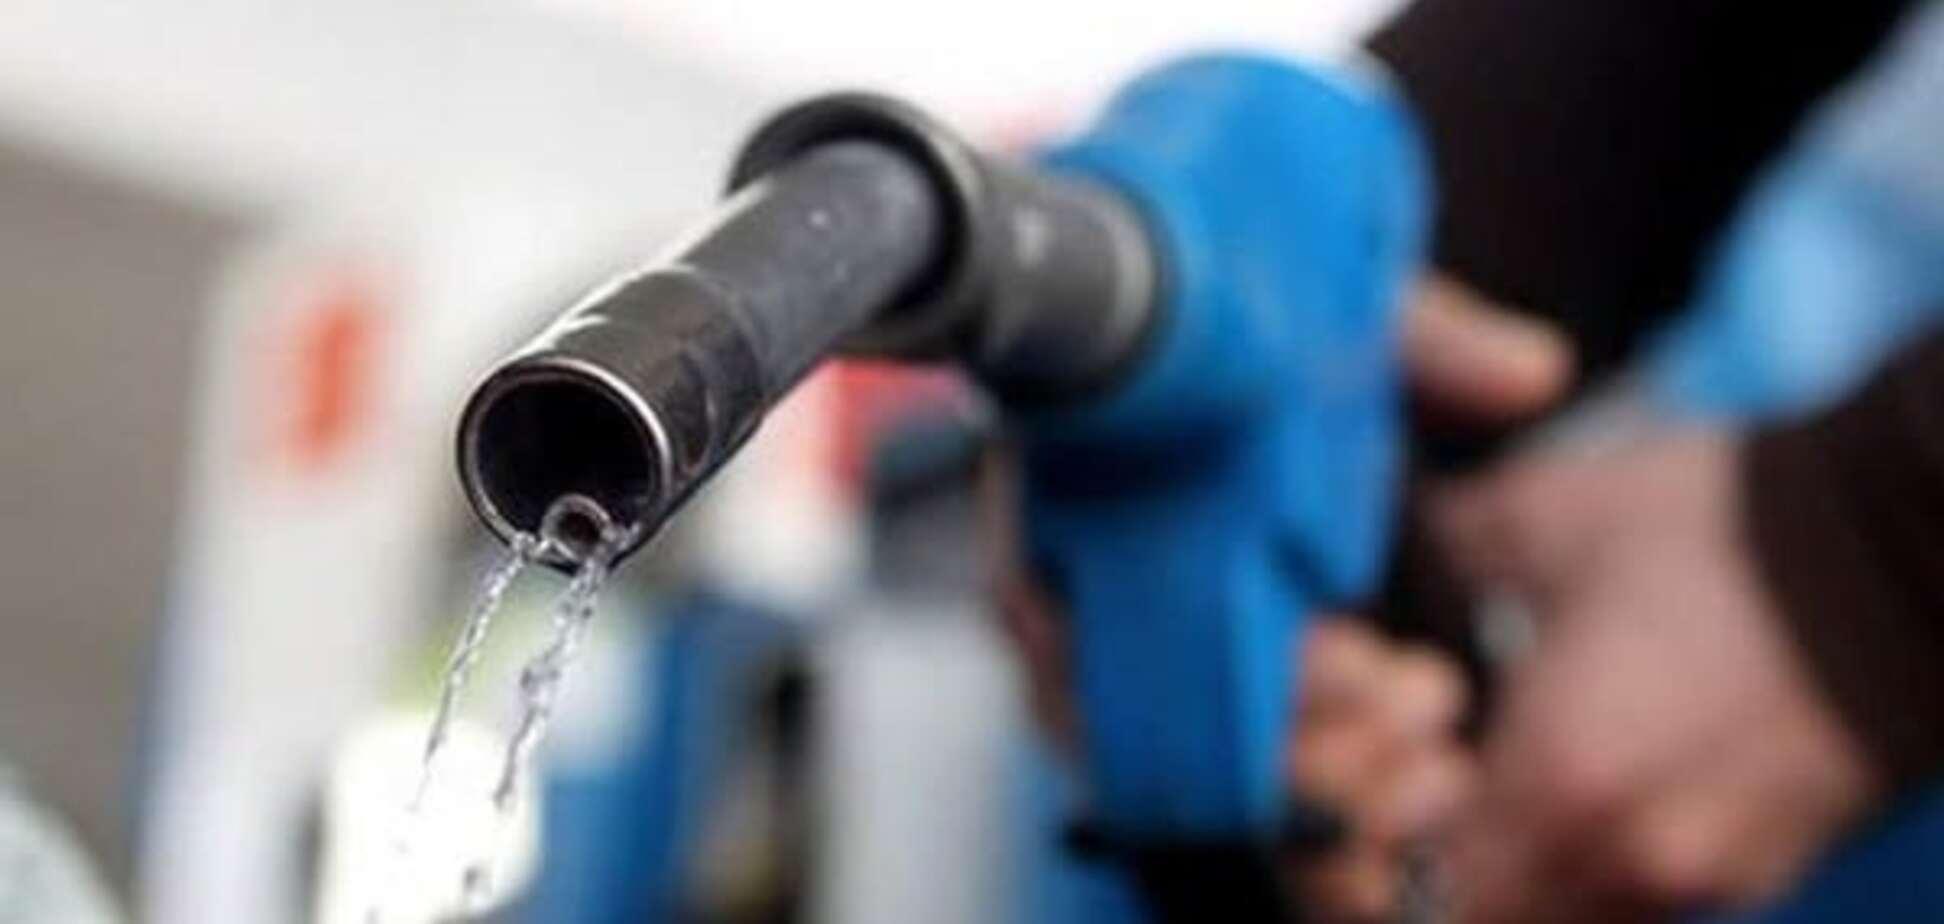 Бензинова мафія: чому в Україні втридорога продають бодягу замість палива